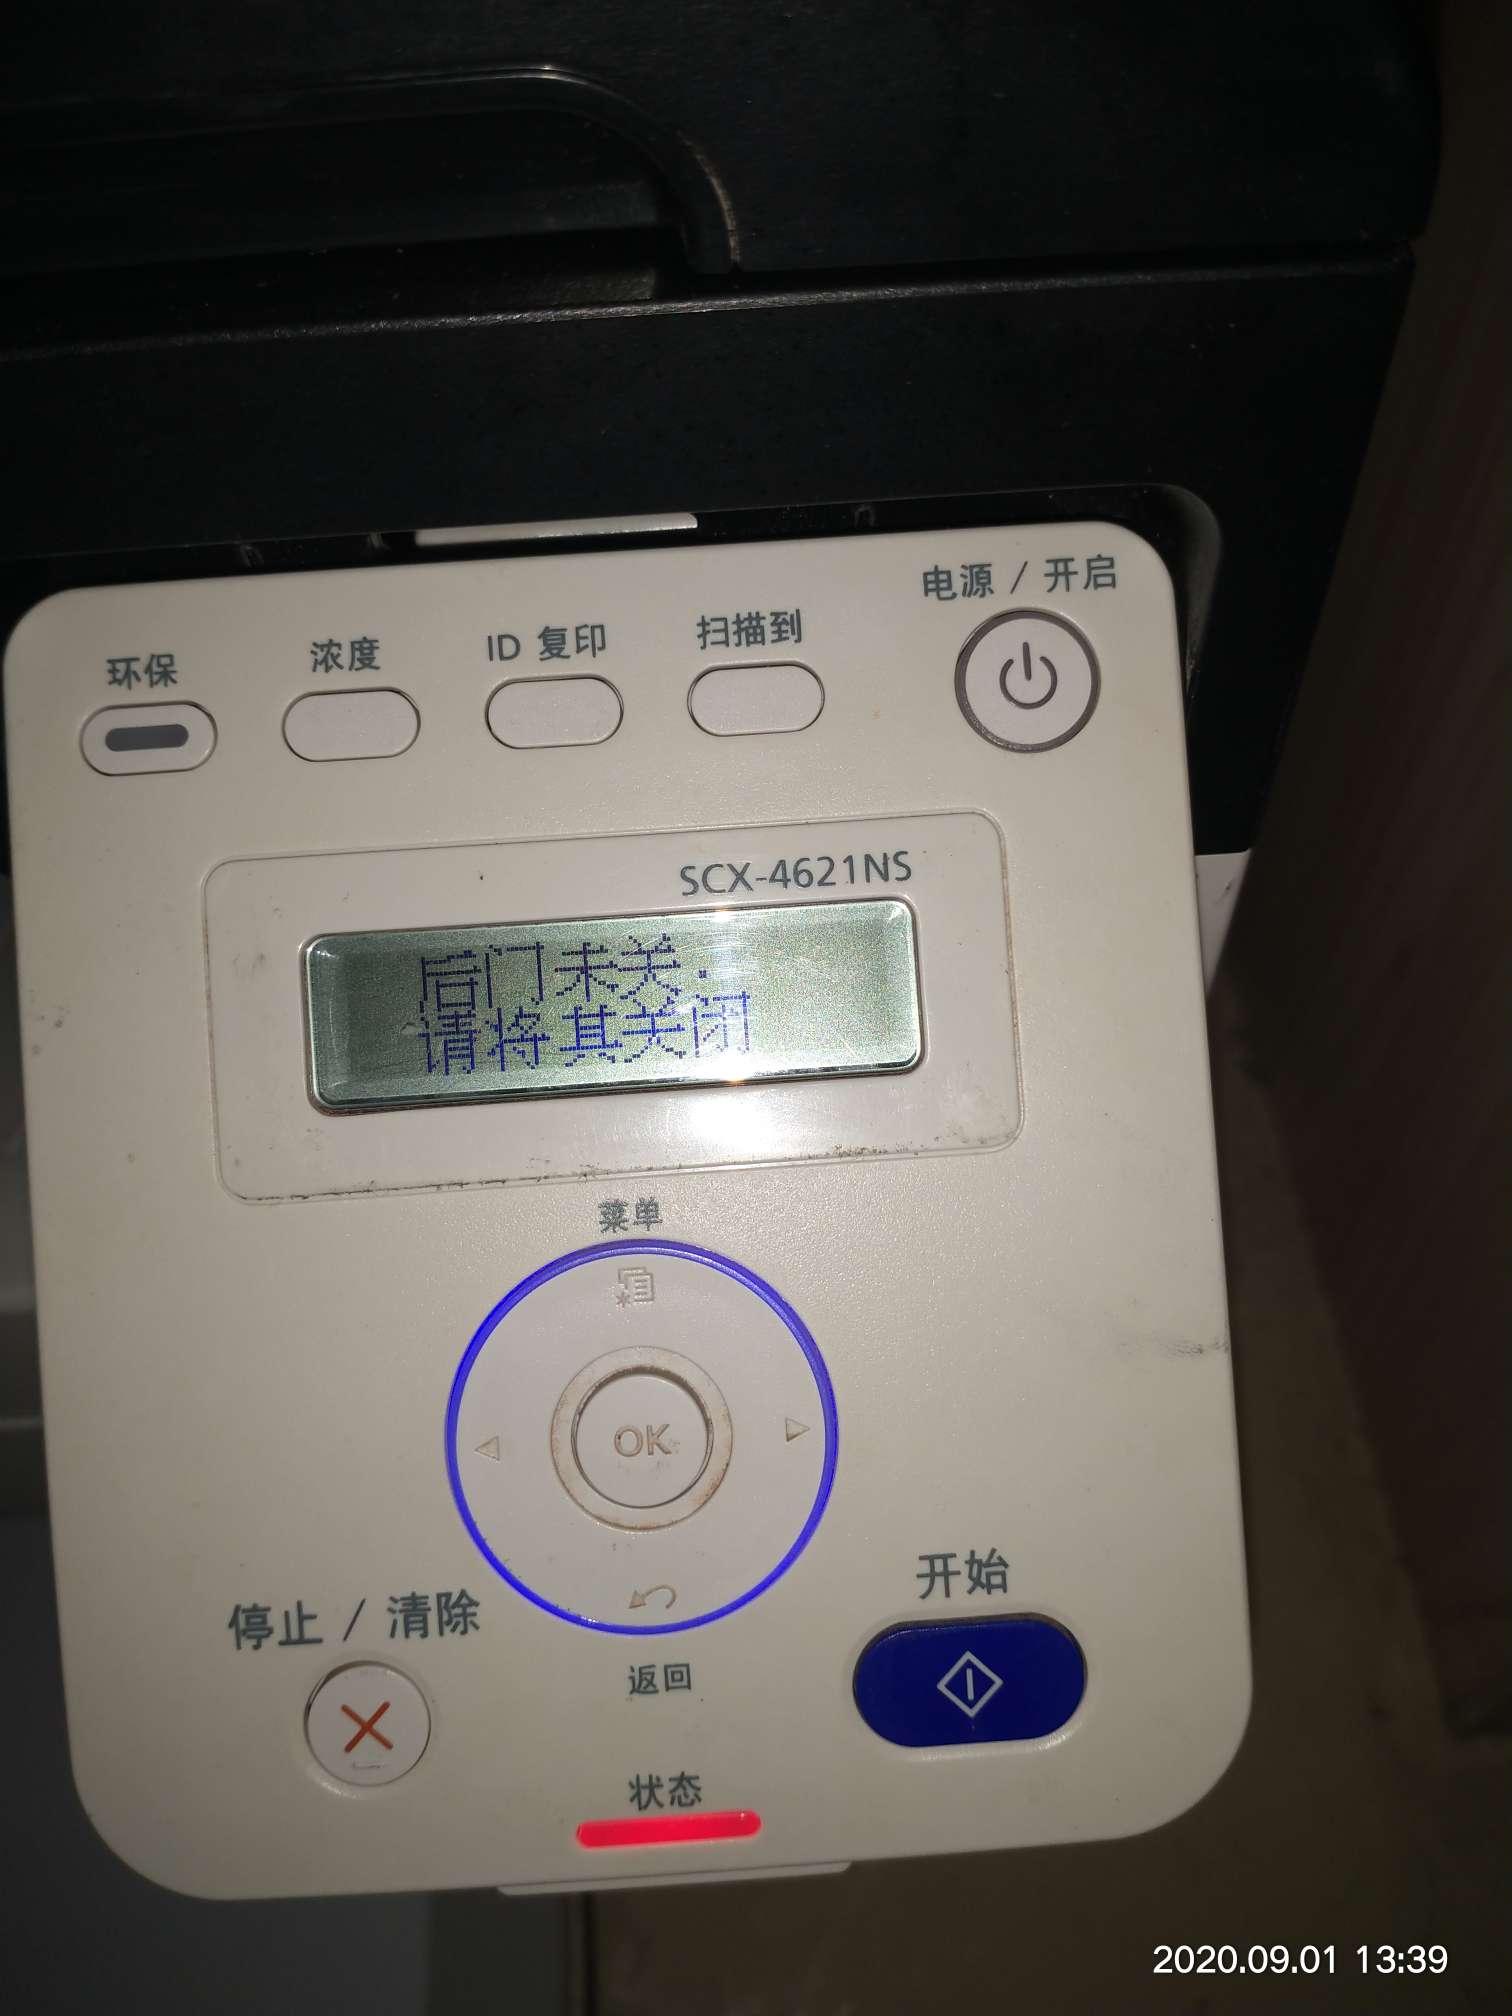 三星(SAMSUNG)SCX-4621NS 黑白激光多功能一体机 (打印 复印 扫描 )使用方法